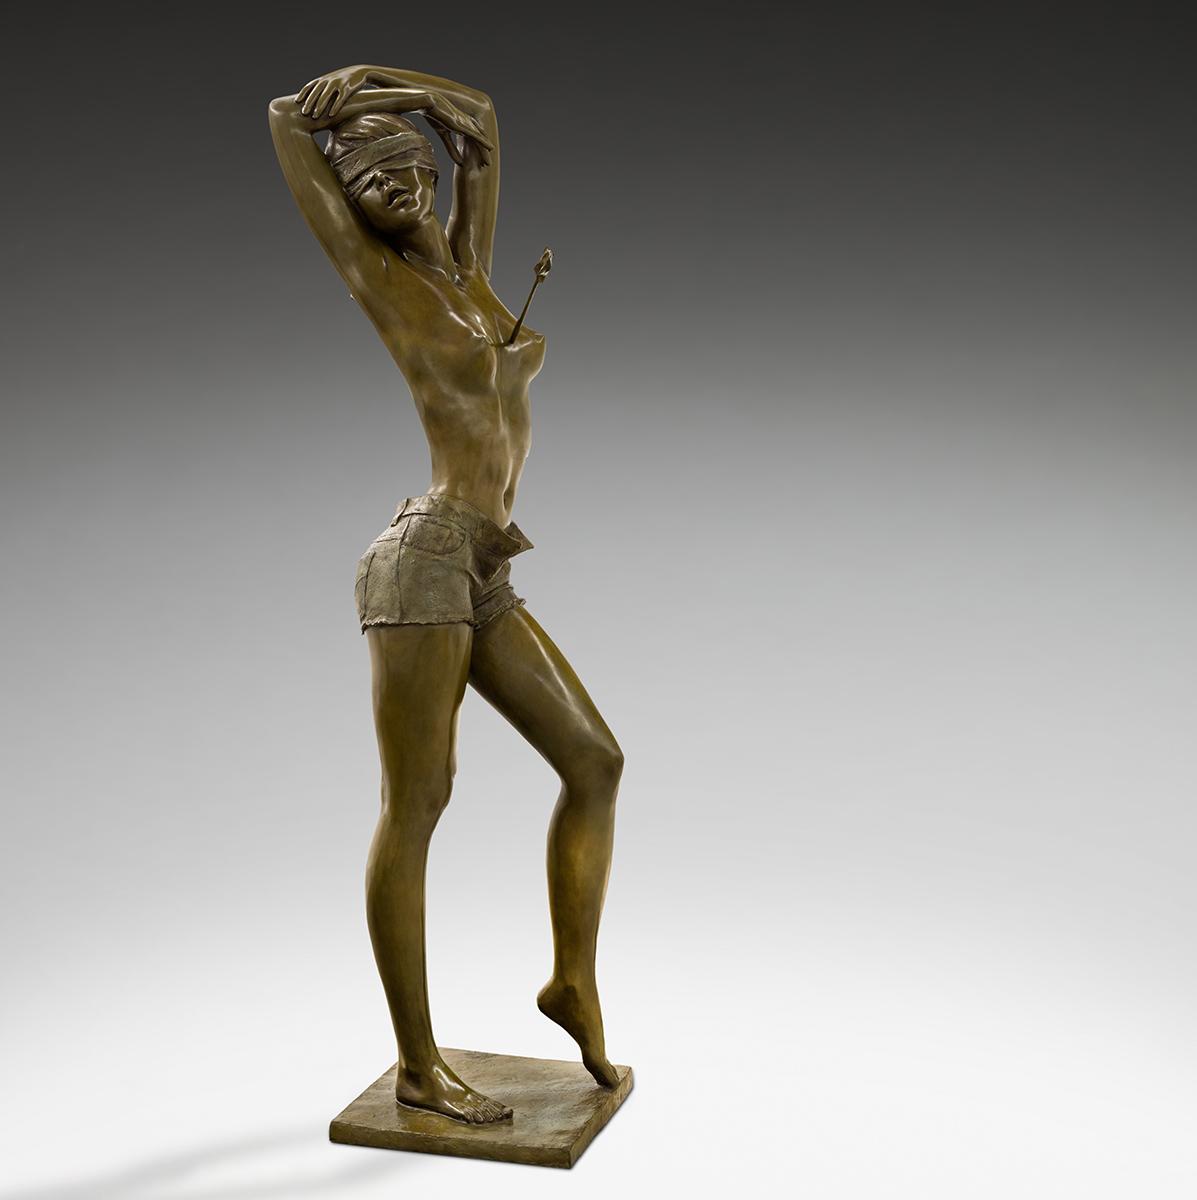 Jacques le Nantec Sainte-Chérie   Nu féminin Bronze blindfold   Artist Mickaël Marciano Art Gallery Paris